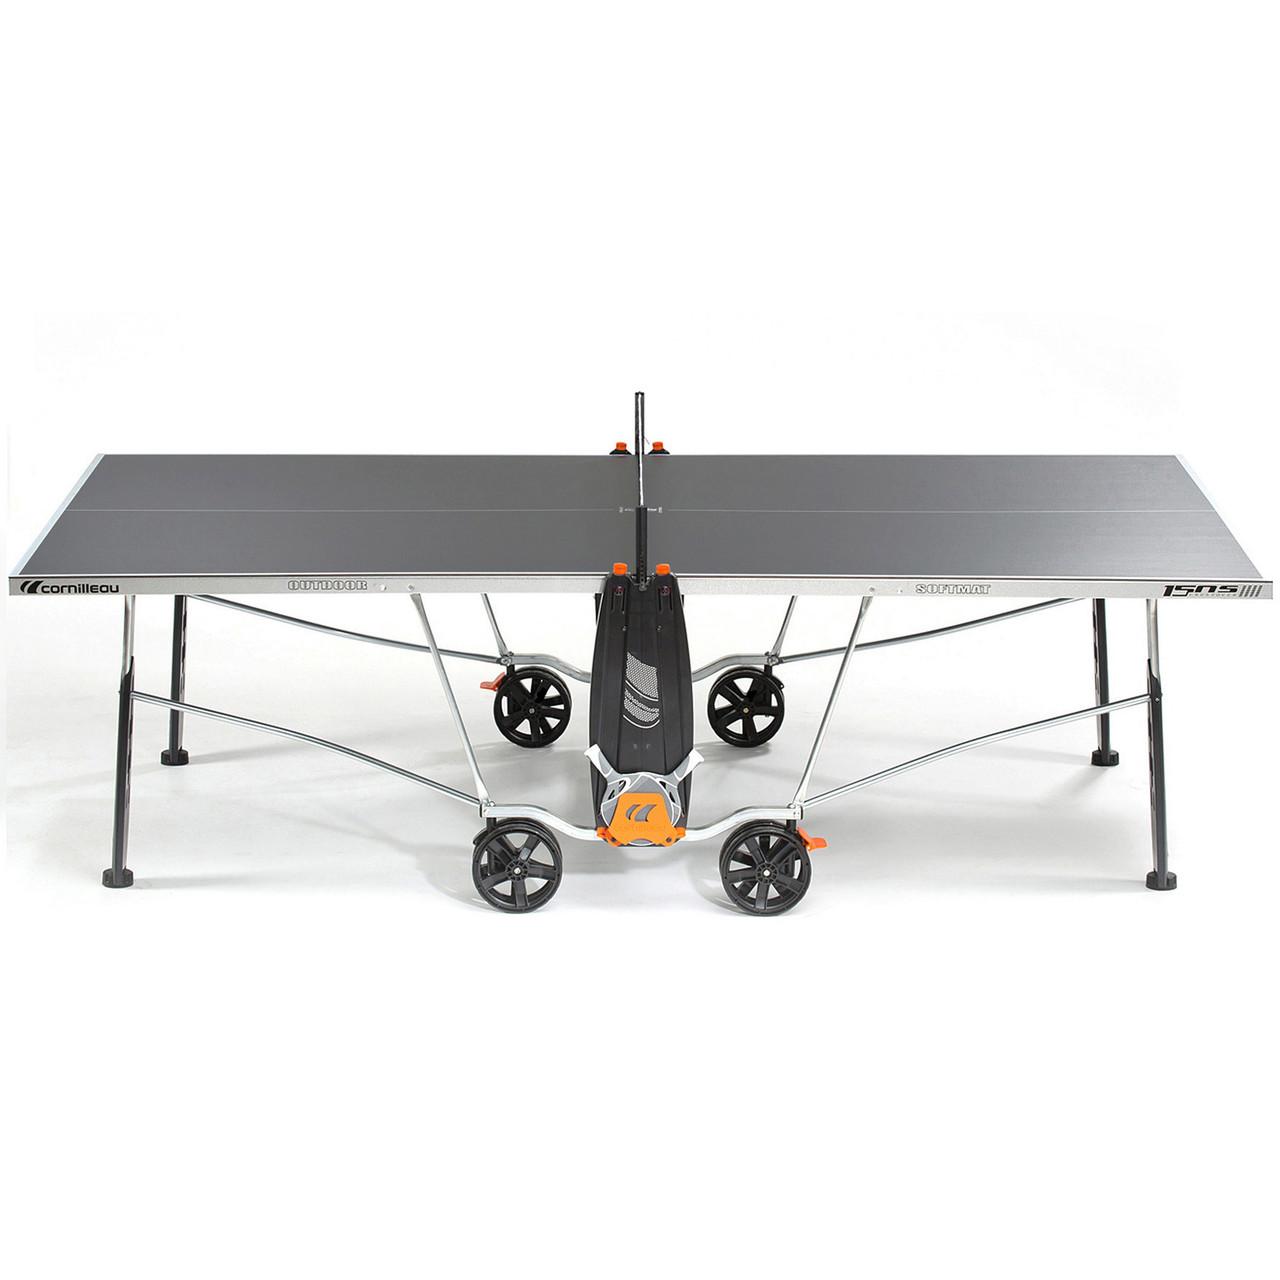 Теннисный стол всепогодный Cornilleau 150S Crossover outdoor Grey серый